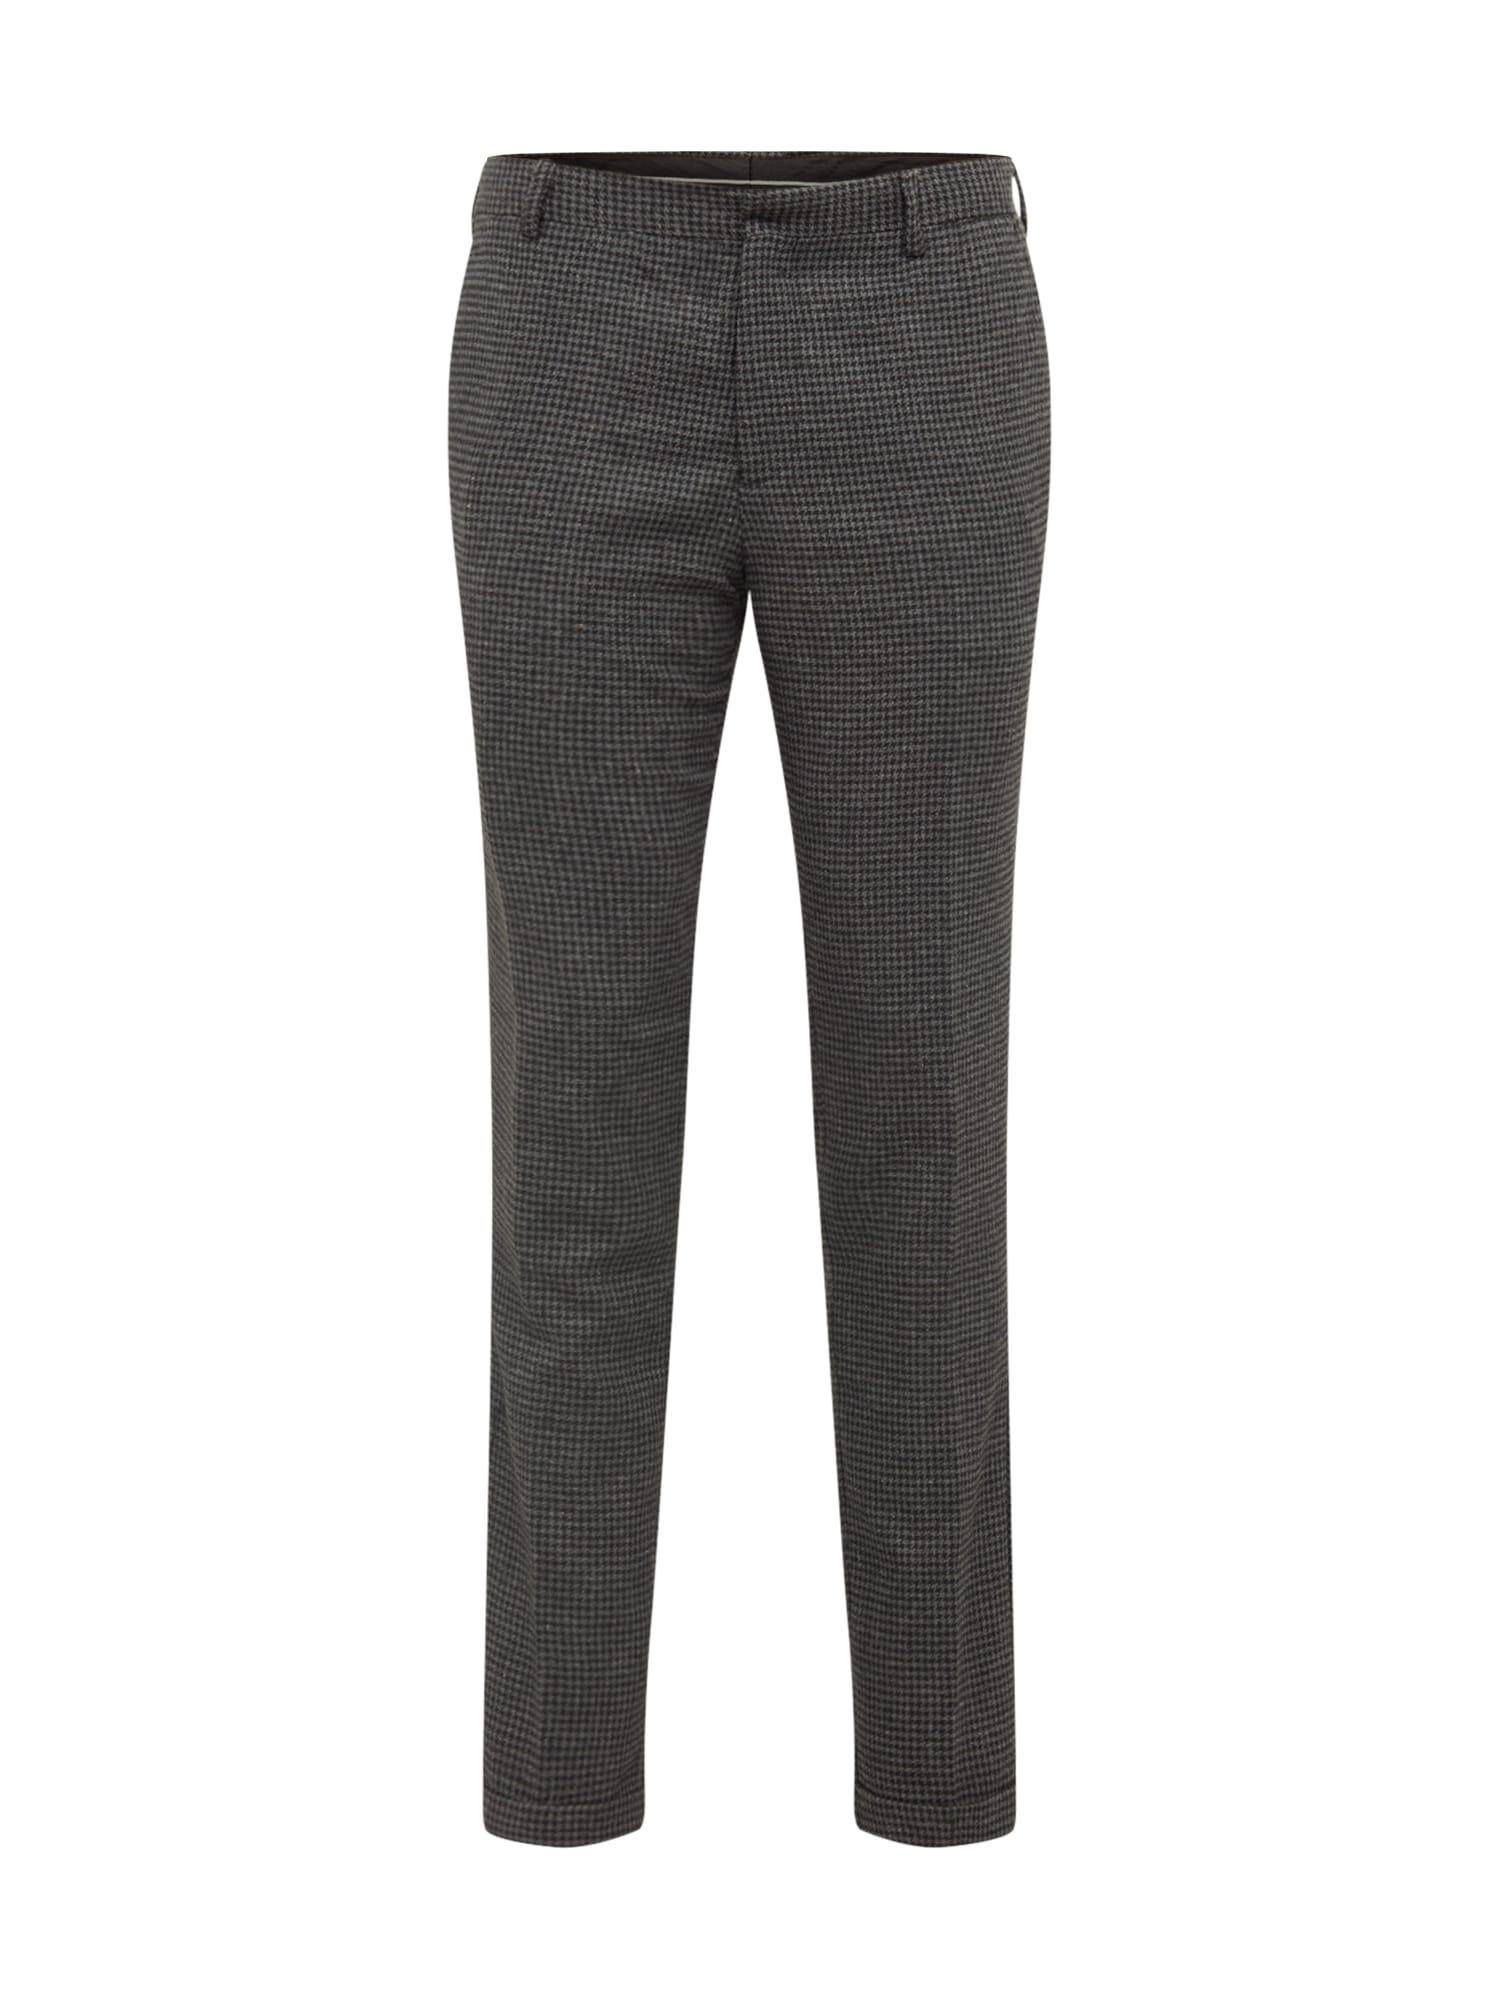 SELECTED HOMME Chino nohavice 'SLHSLIMTAPERED-FLEET PANTS B'  sivá / čierna